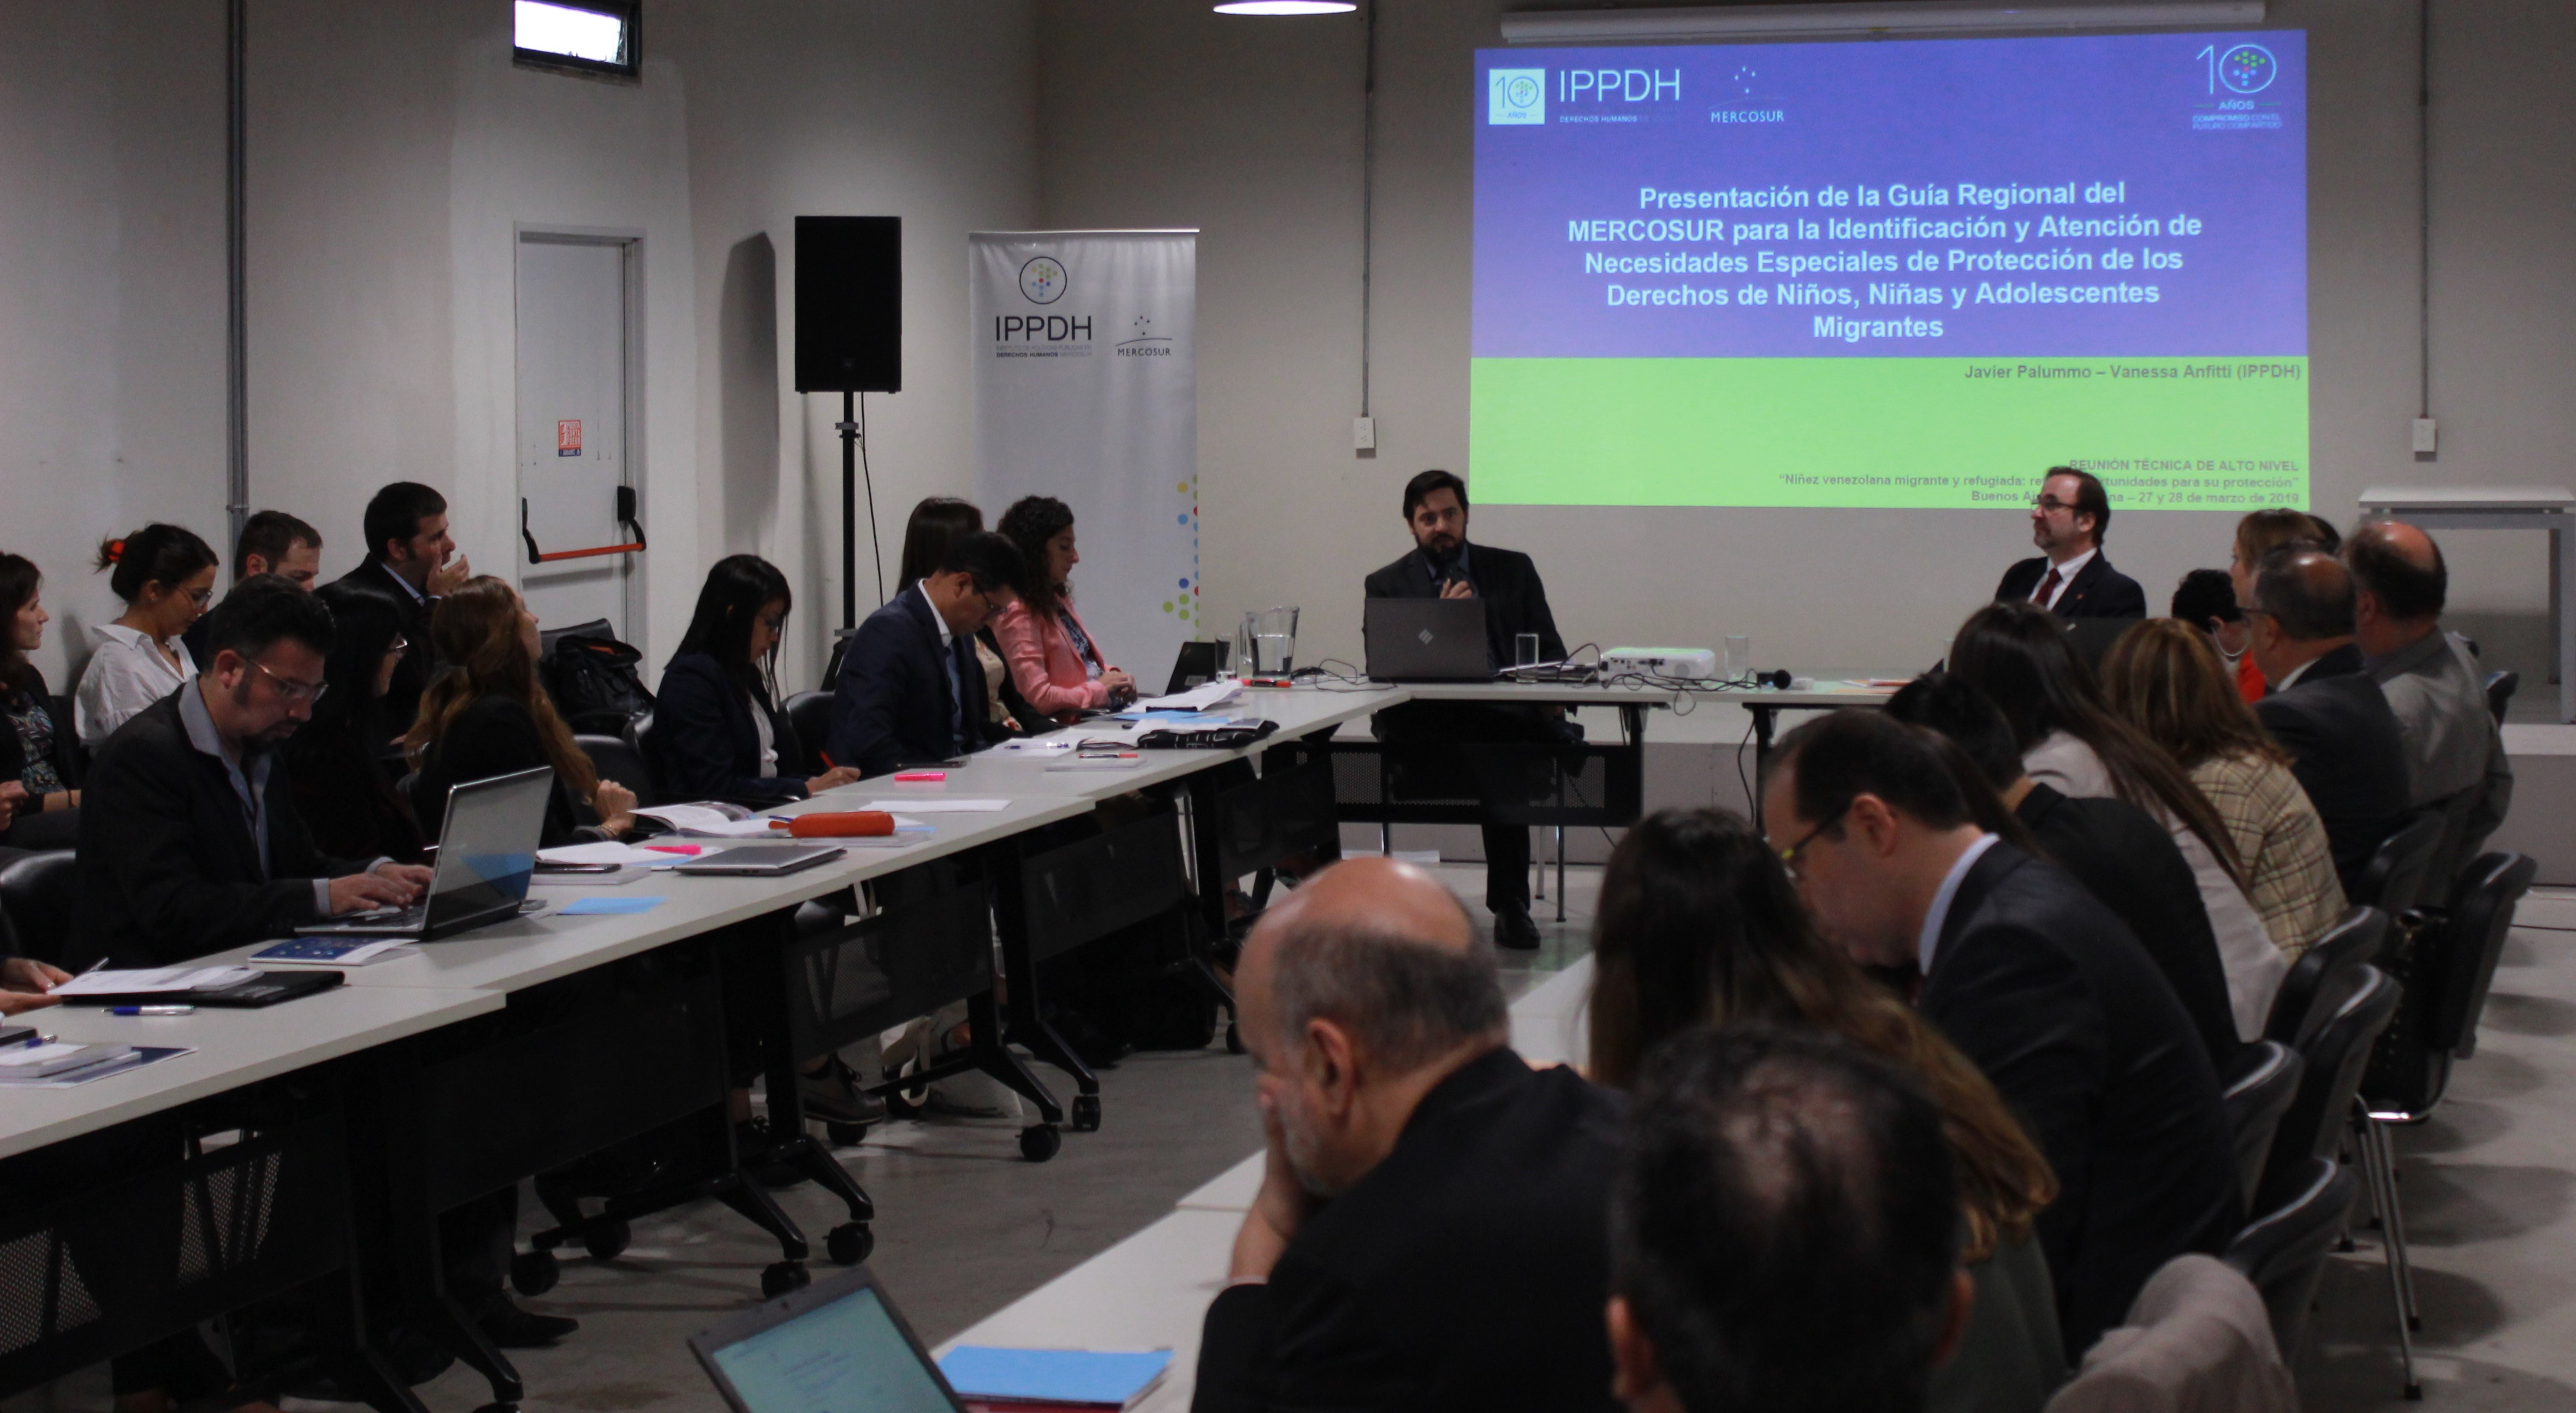 Autoridades de países de América del Sur junto a ACNUR, OIM, UNICEF y el IPPDH abordaron desafíos para la protección de la niñez venezolana migrante y refugiada